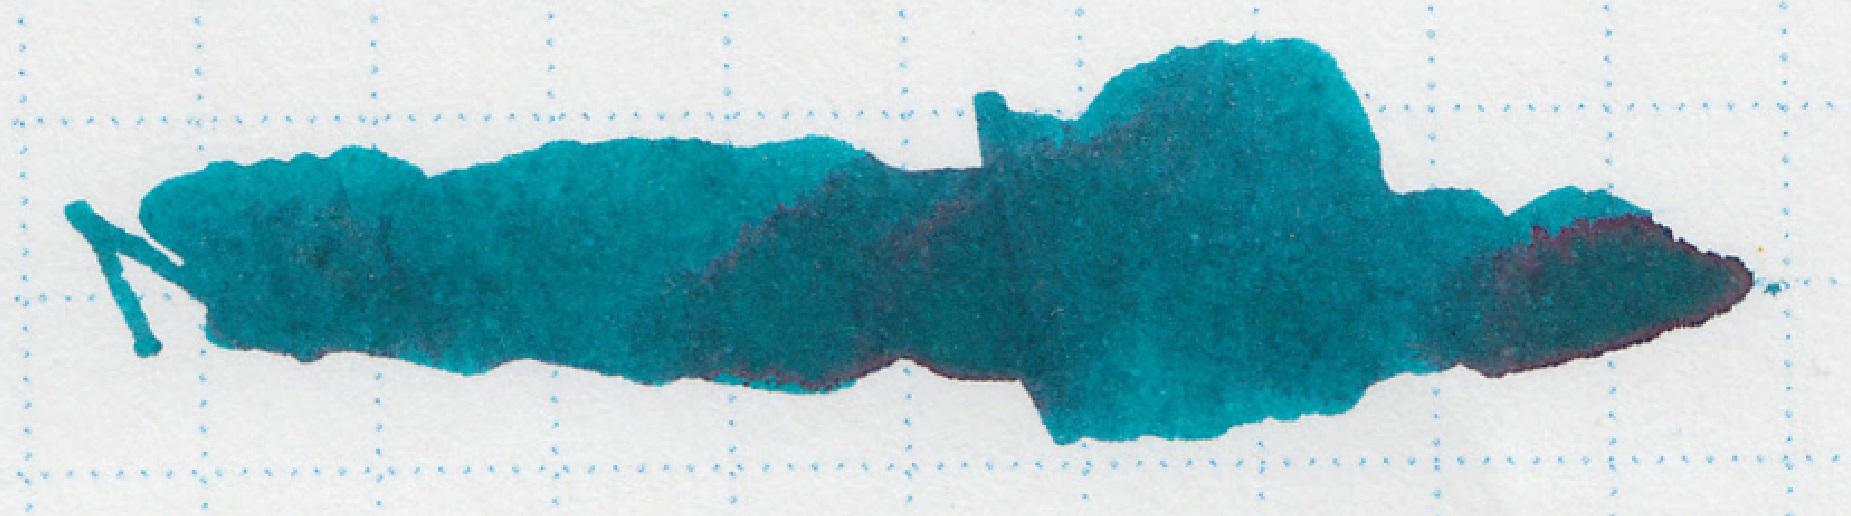 fpn_1503822458__bluegummidori_5.jpg